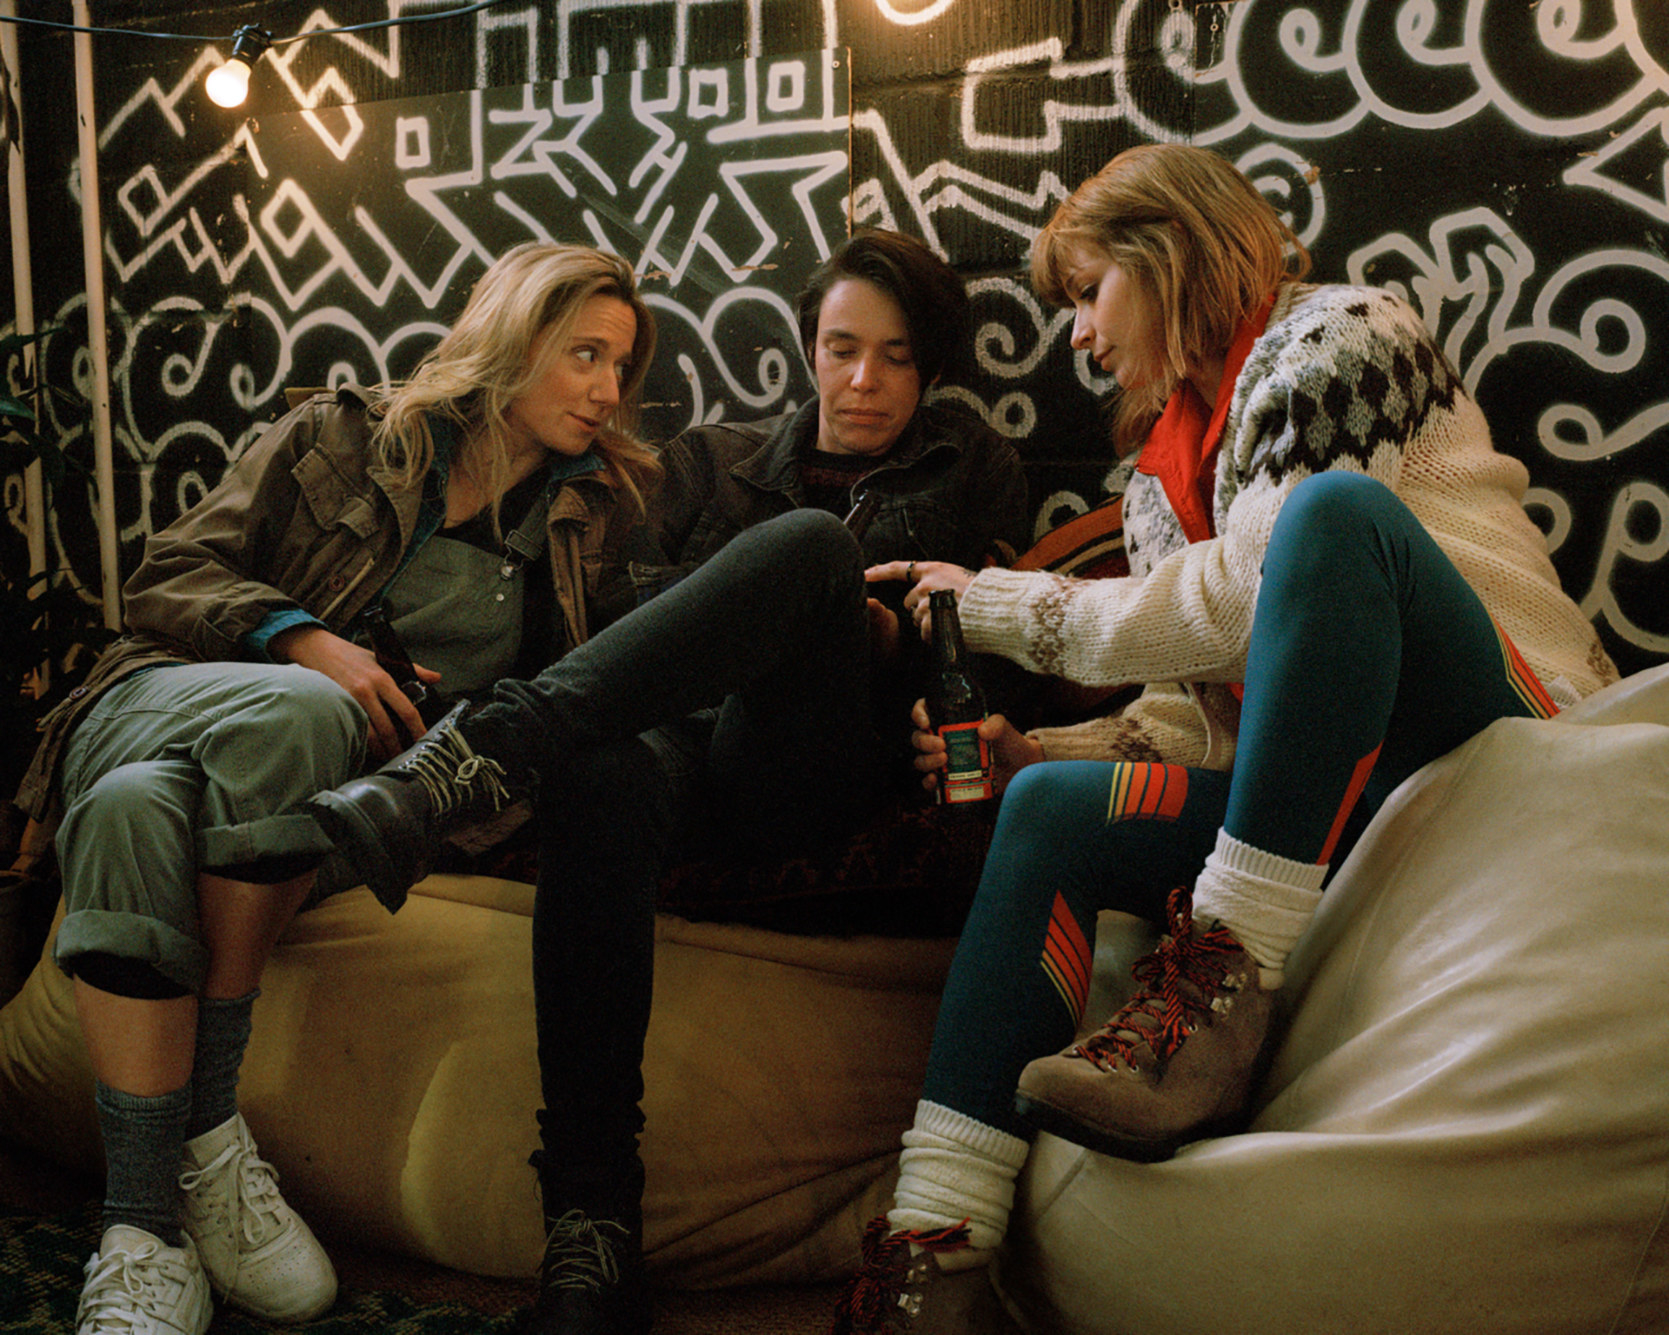 Hannah Almond, Caolihionn Dunne, and Niamh Algar sit on the couch